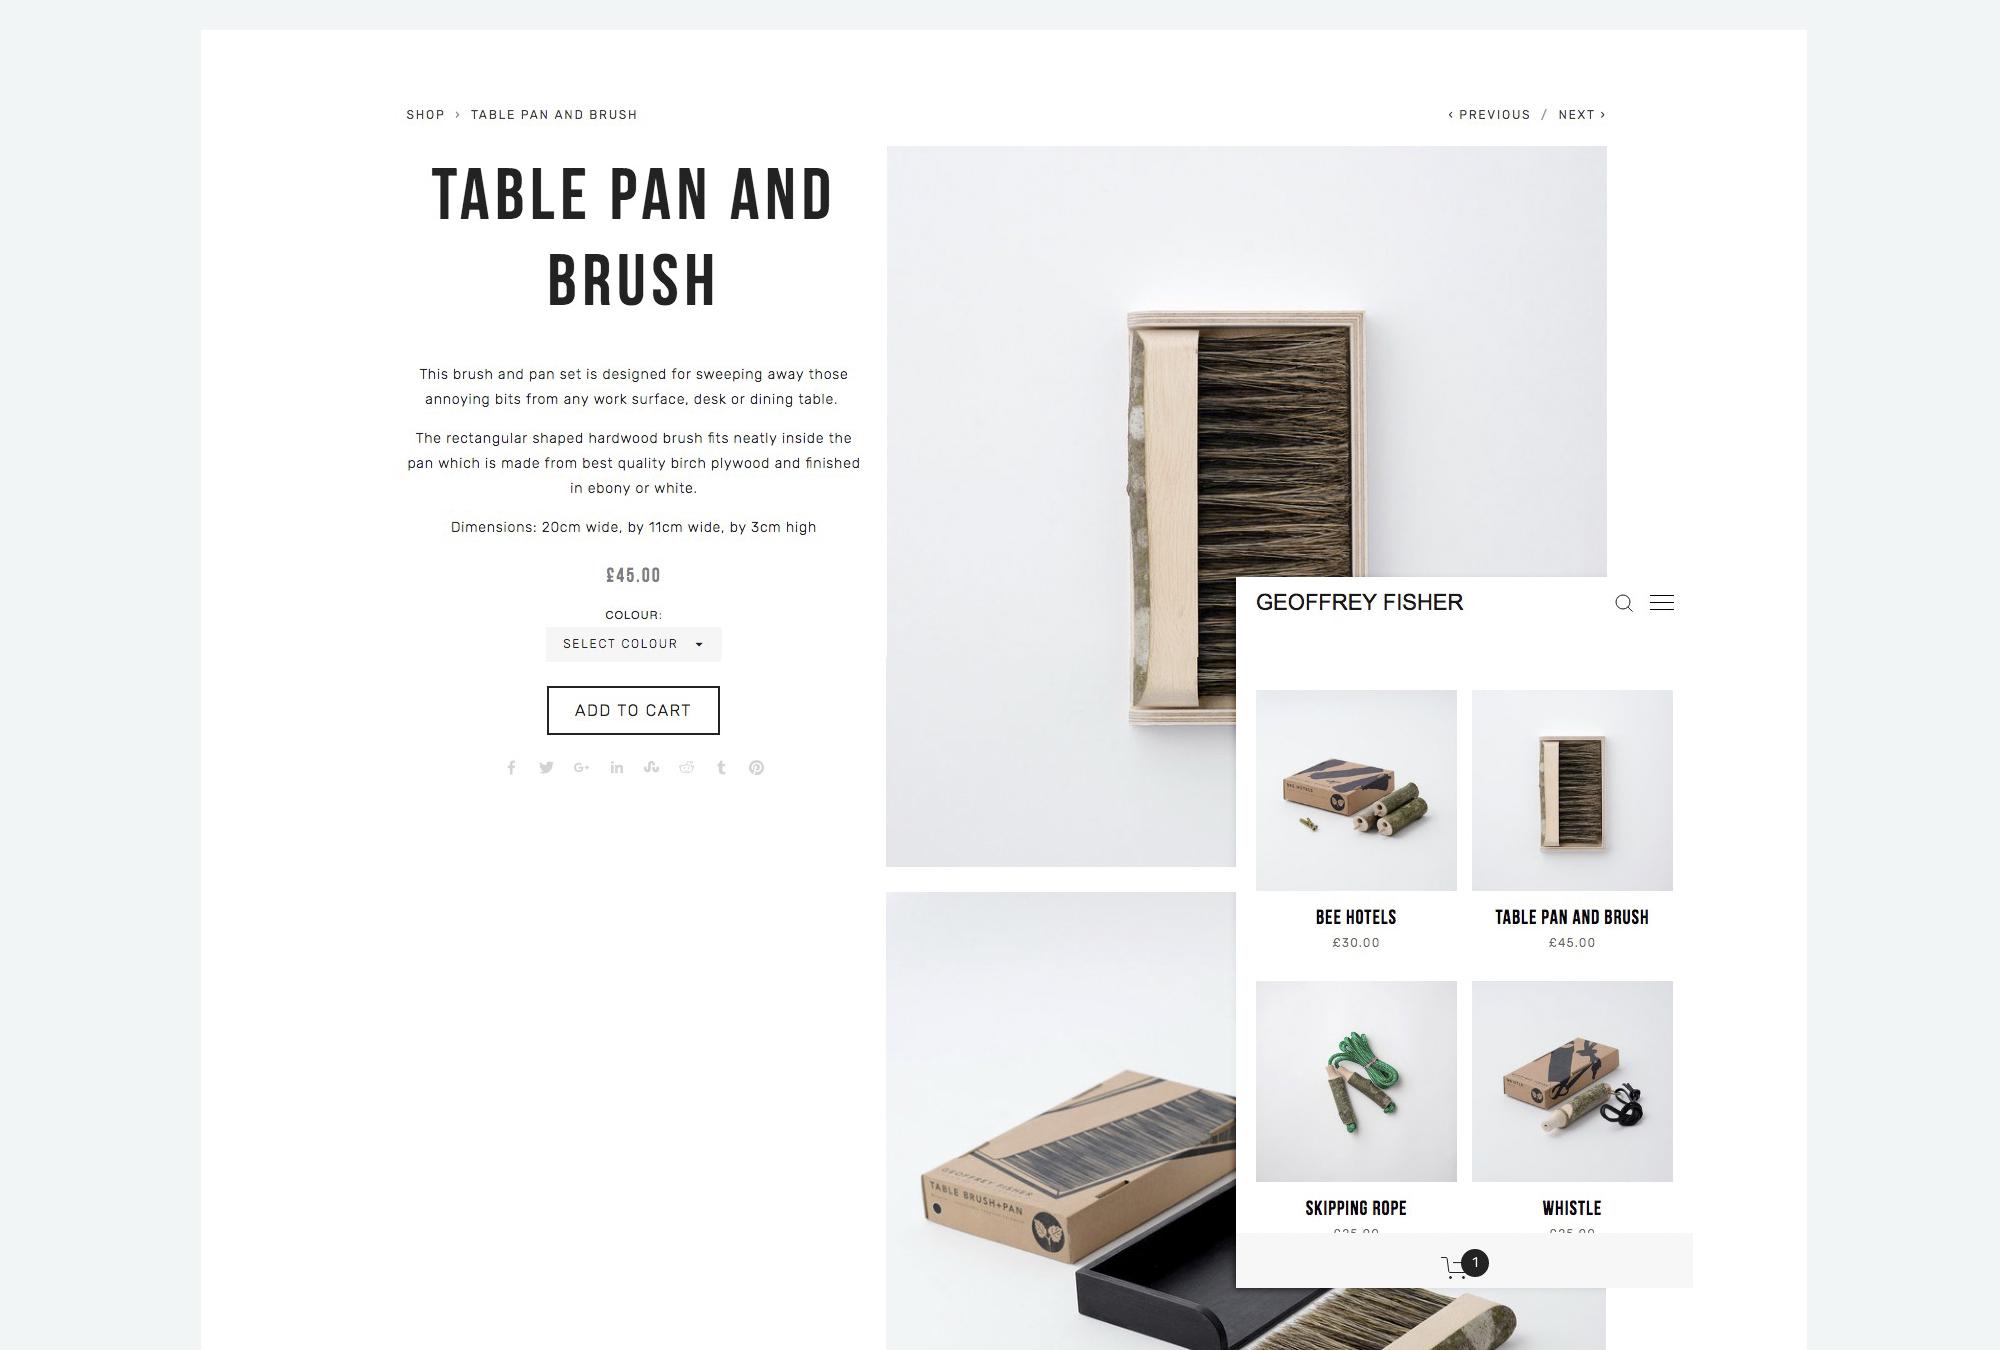 Website-Design-E-Commerce-Jack-Neville-01.jpg